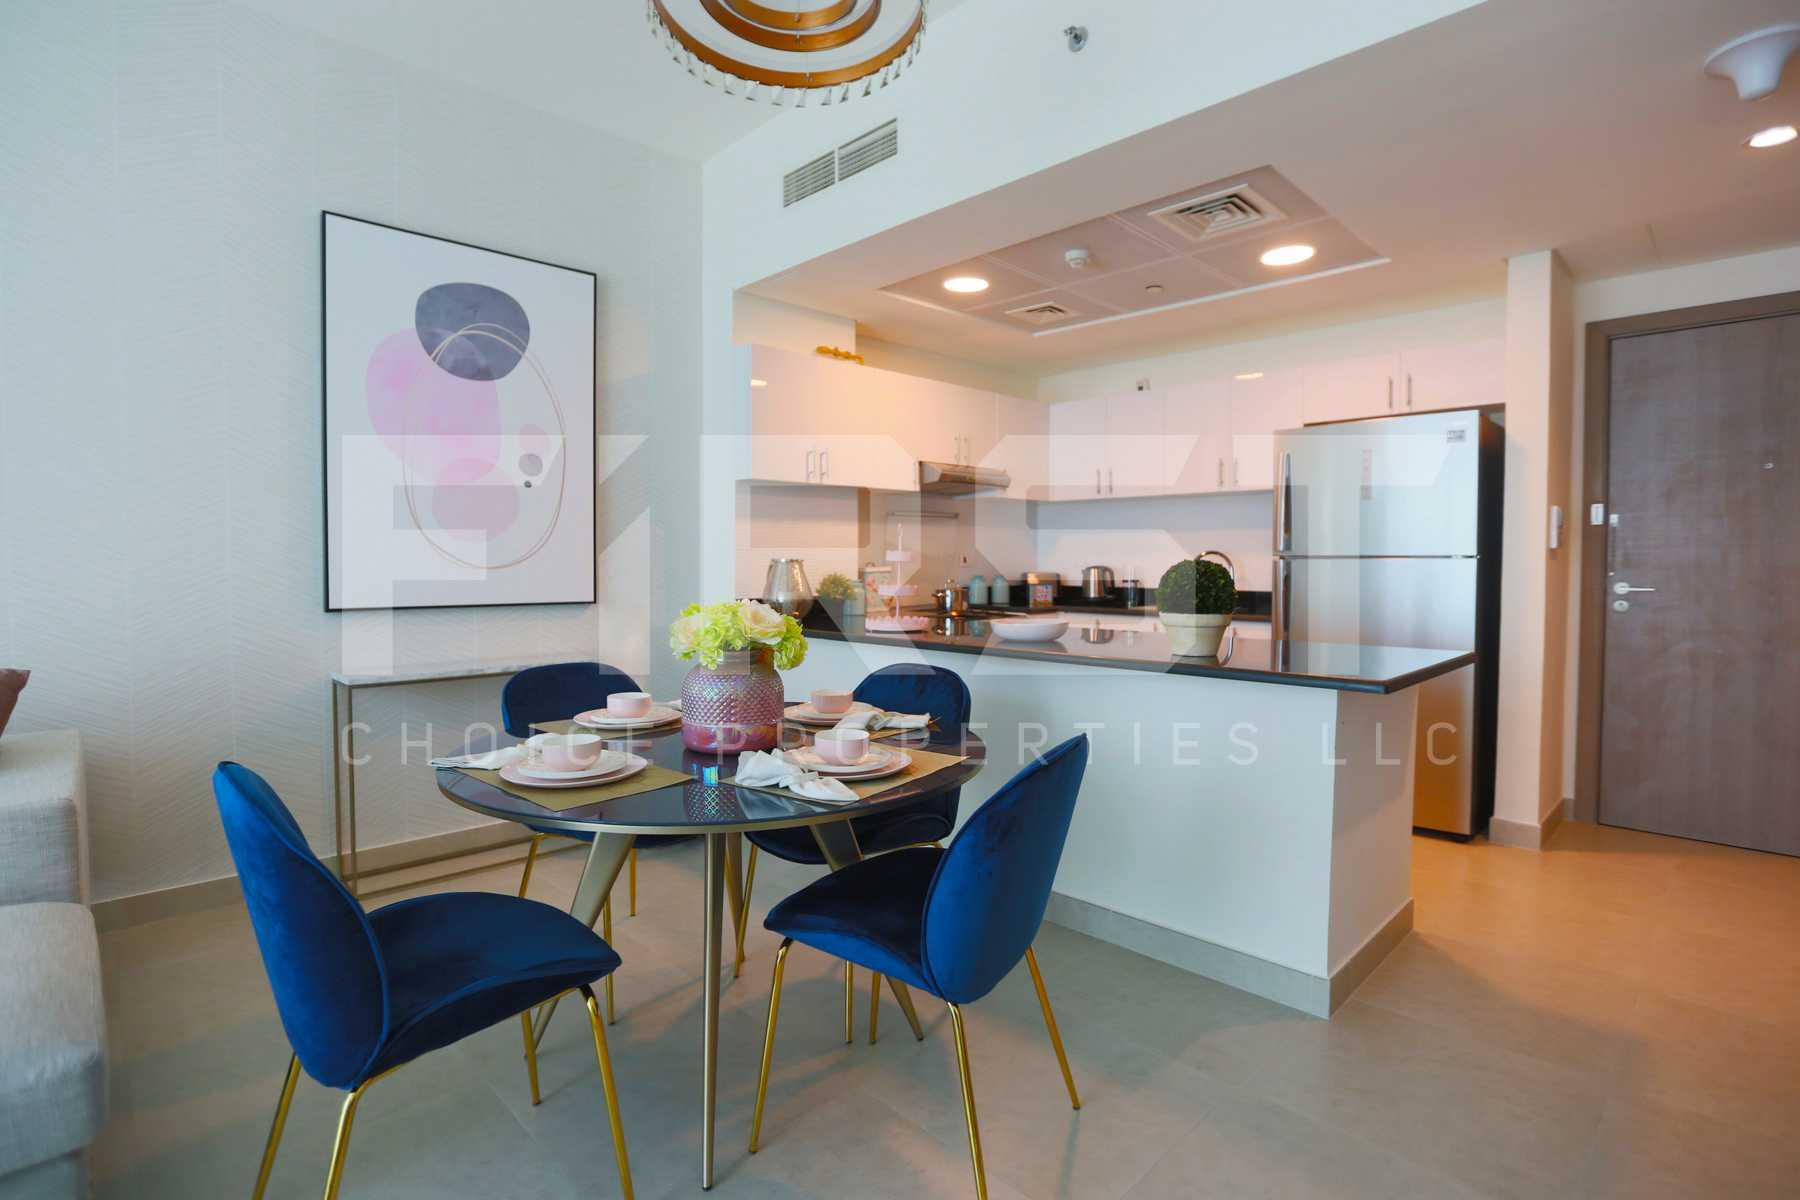 Internal of 1 Bedroom Apartment in Park view Saadiyat Ilsand Abu Dhabi UAE (15).jpg